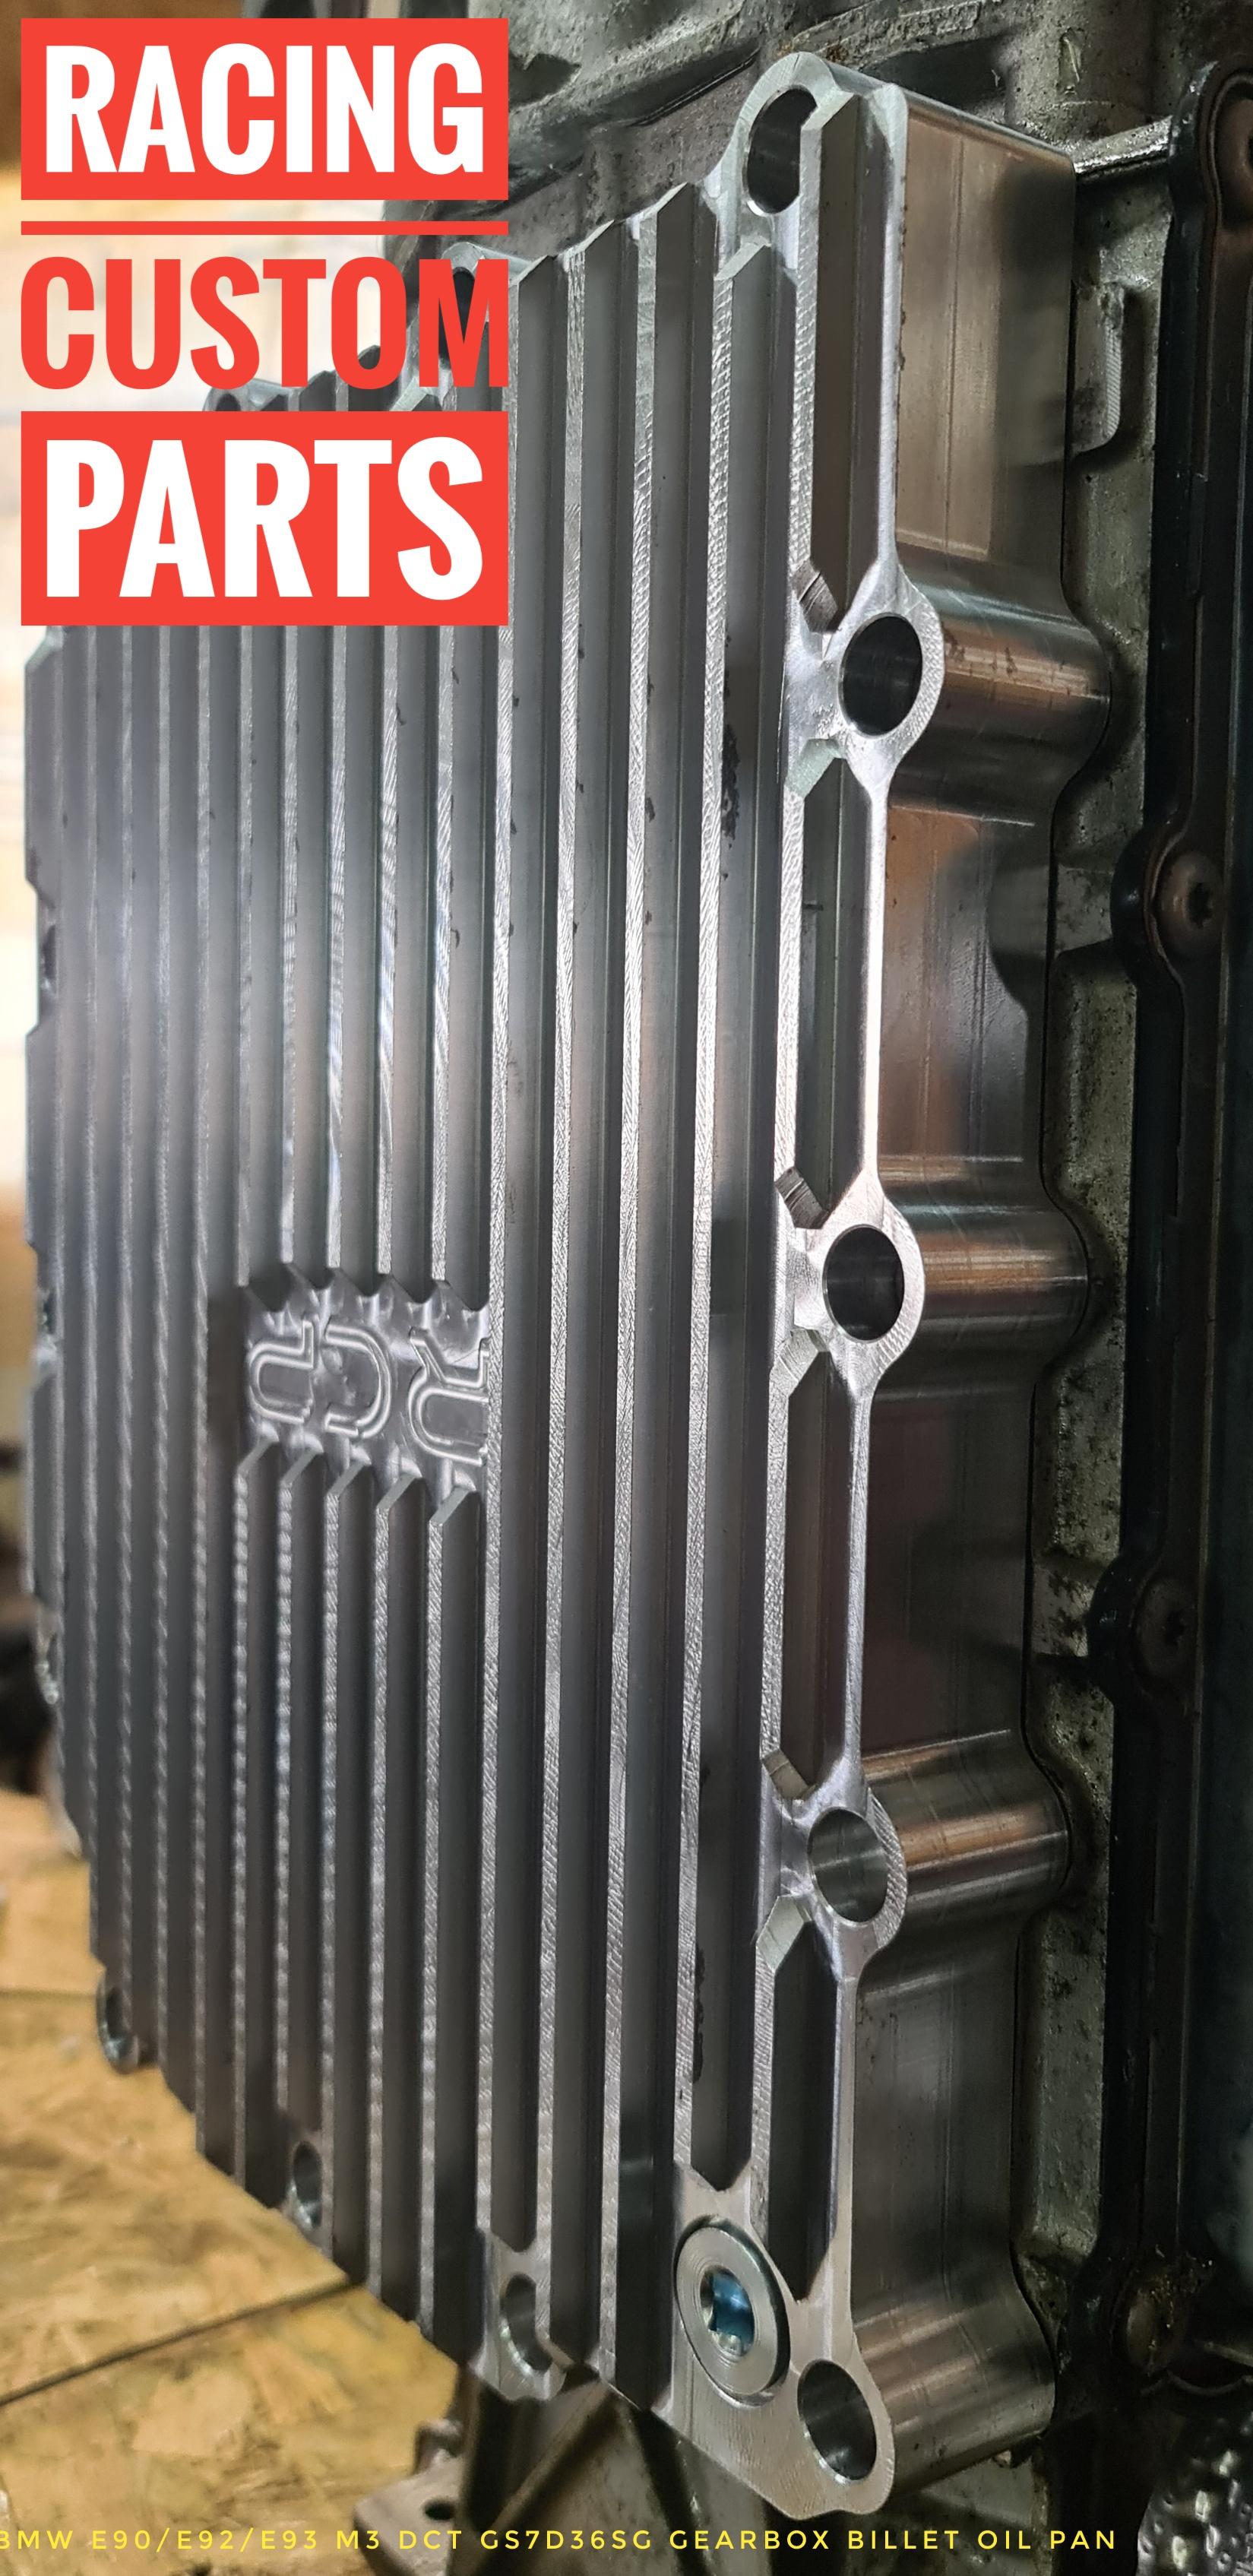 BMW E90 E92 E93 M3 GS7D36SG billet cnc oil pan drift racing dct dsg racing custom parts